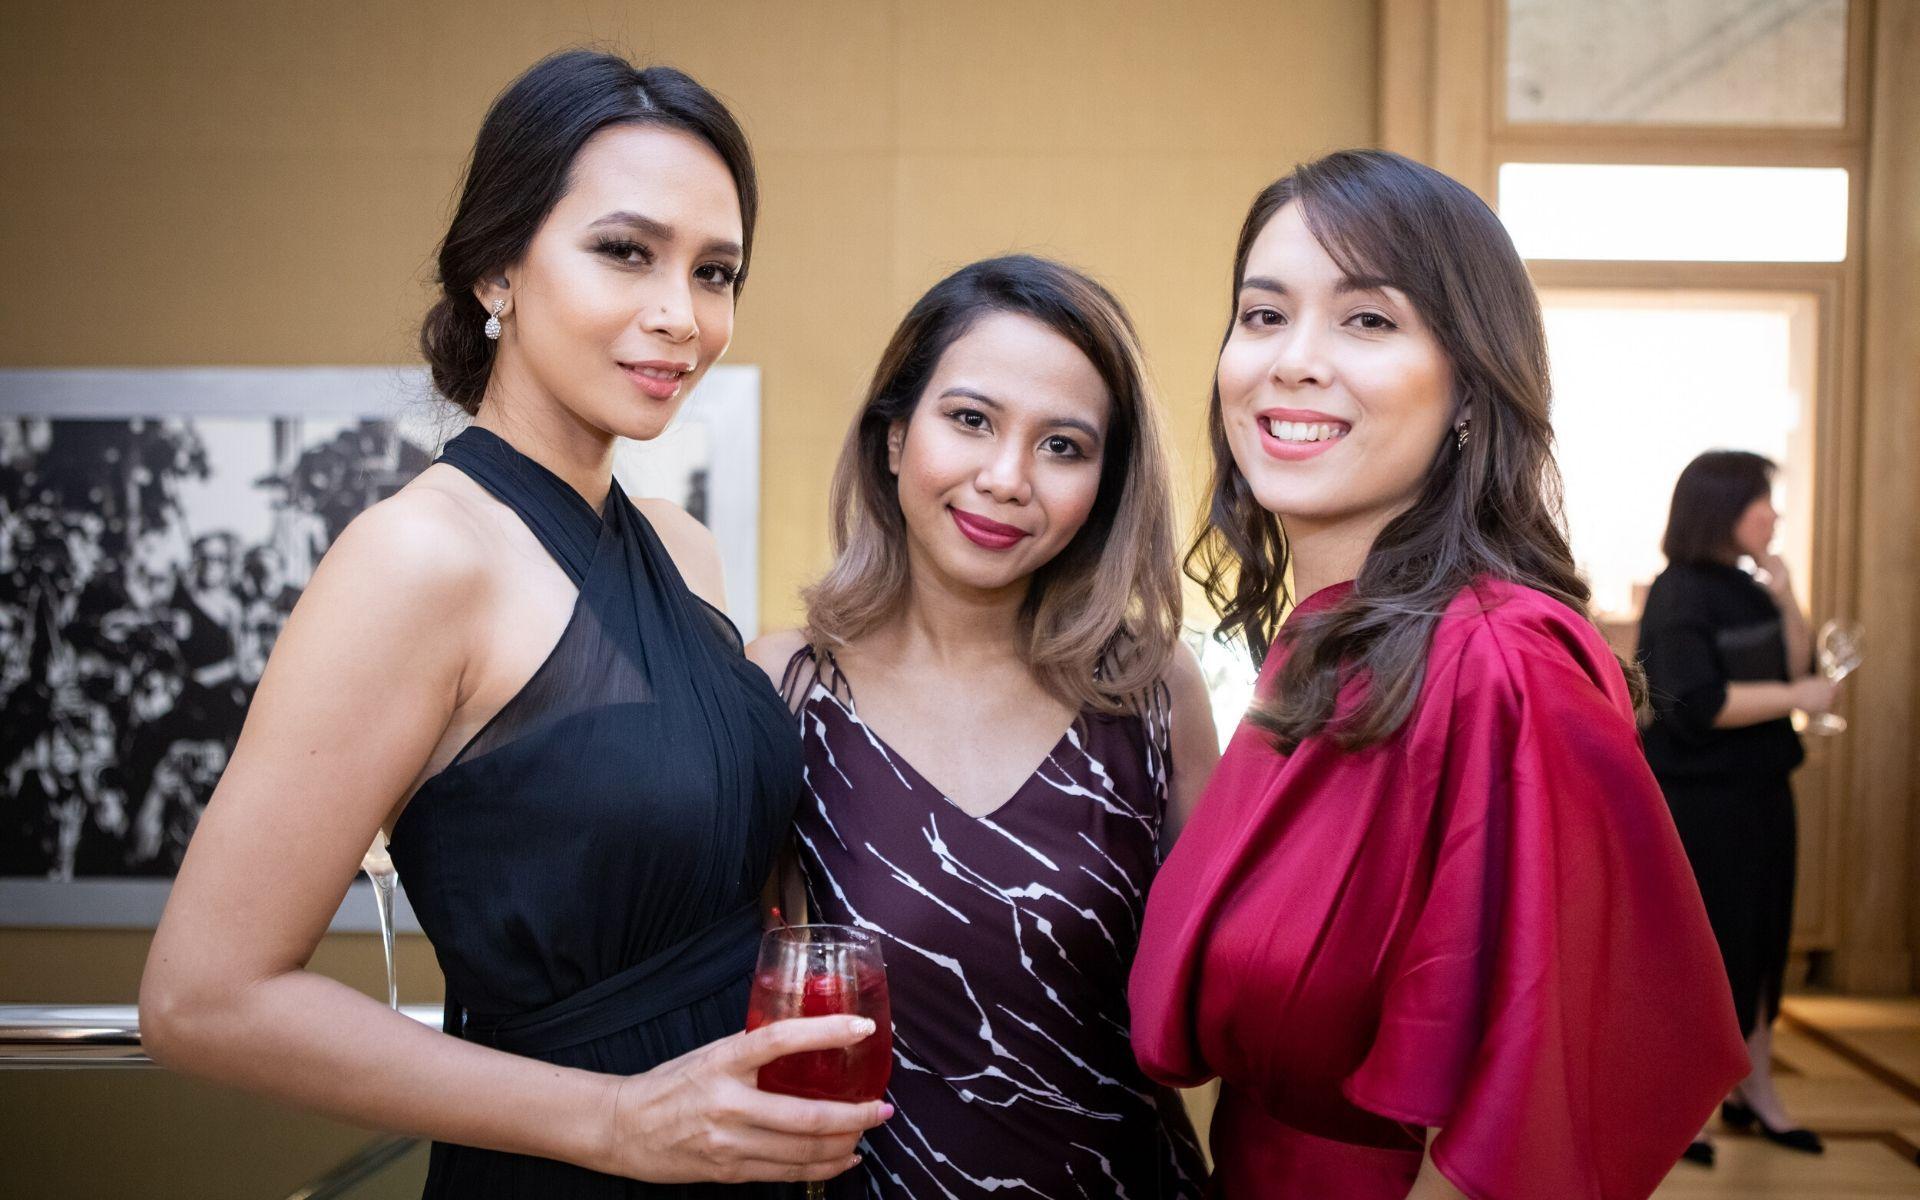 Luna Azlina, Kayda Aziz and Siti Saleha